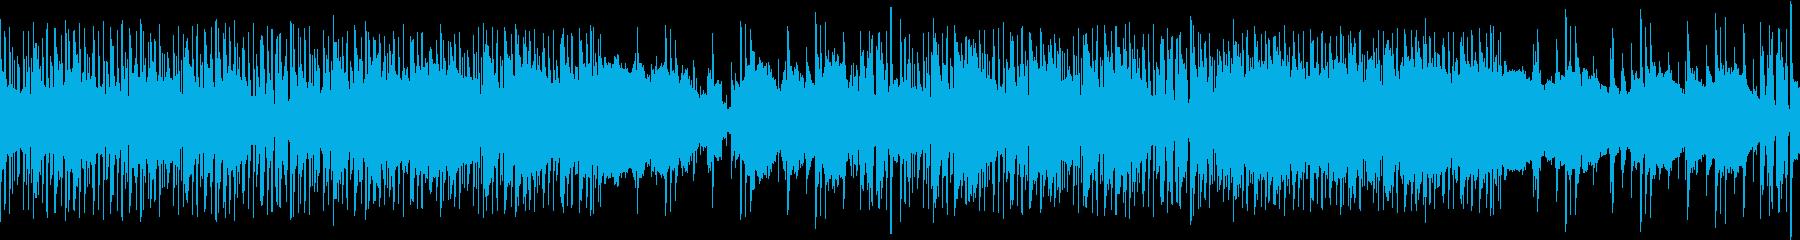 落ち着いた大人のジャズヒップホップループの再生済みの波形